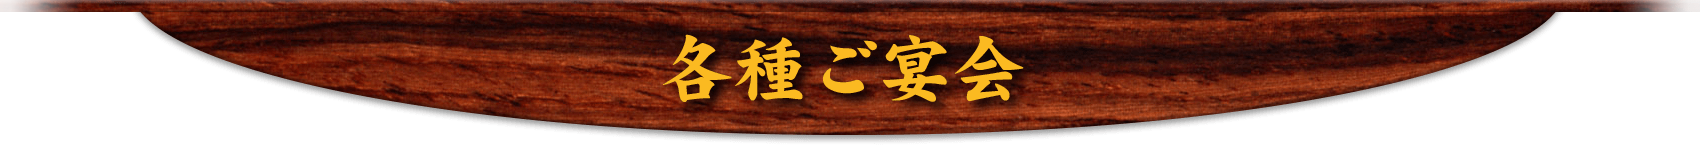 海鮮・魚料理専門店「魚小屋よしき」の各種ご宴会